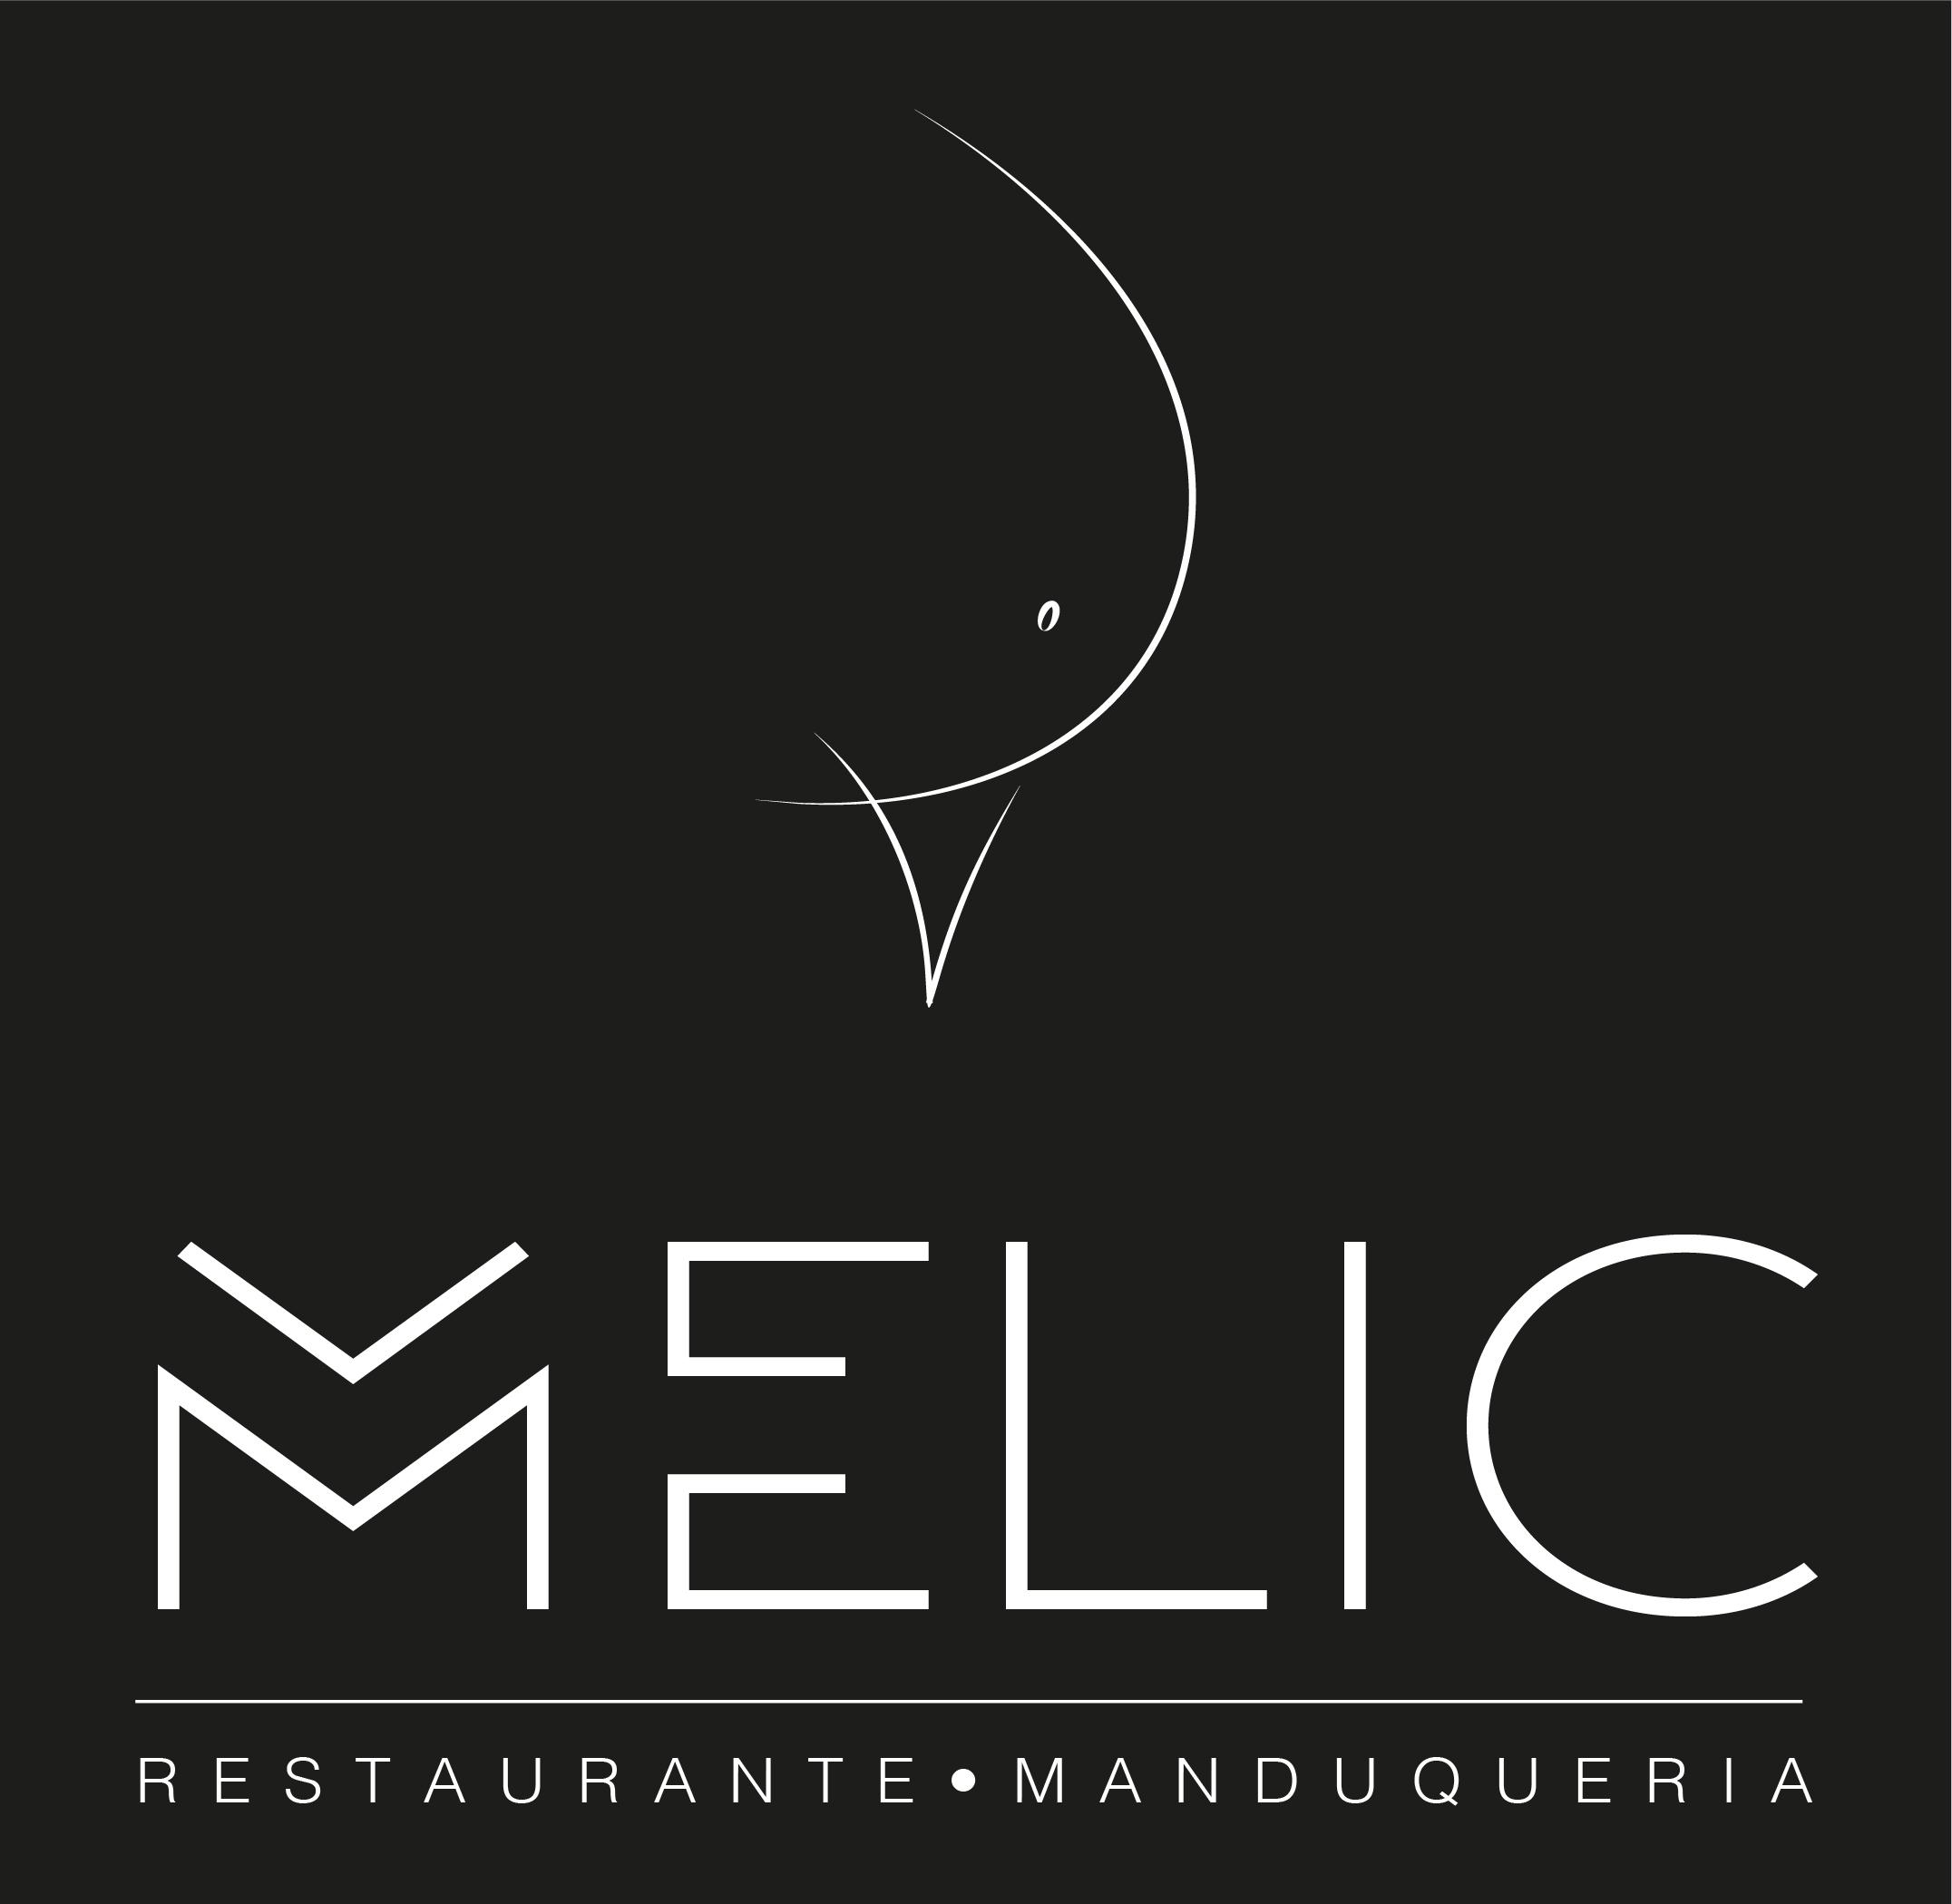 Restaurante Manduqueria Melic QrCarta